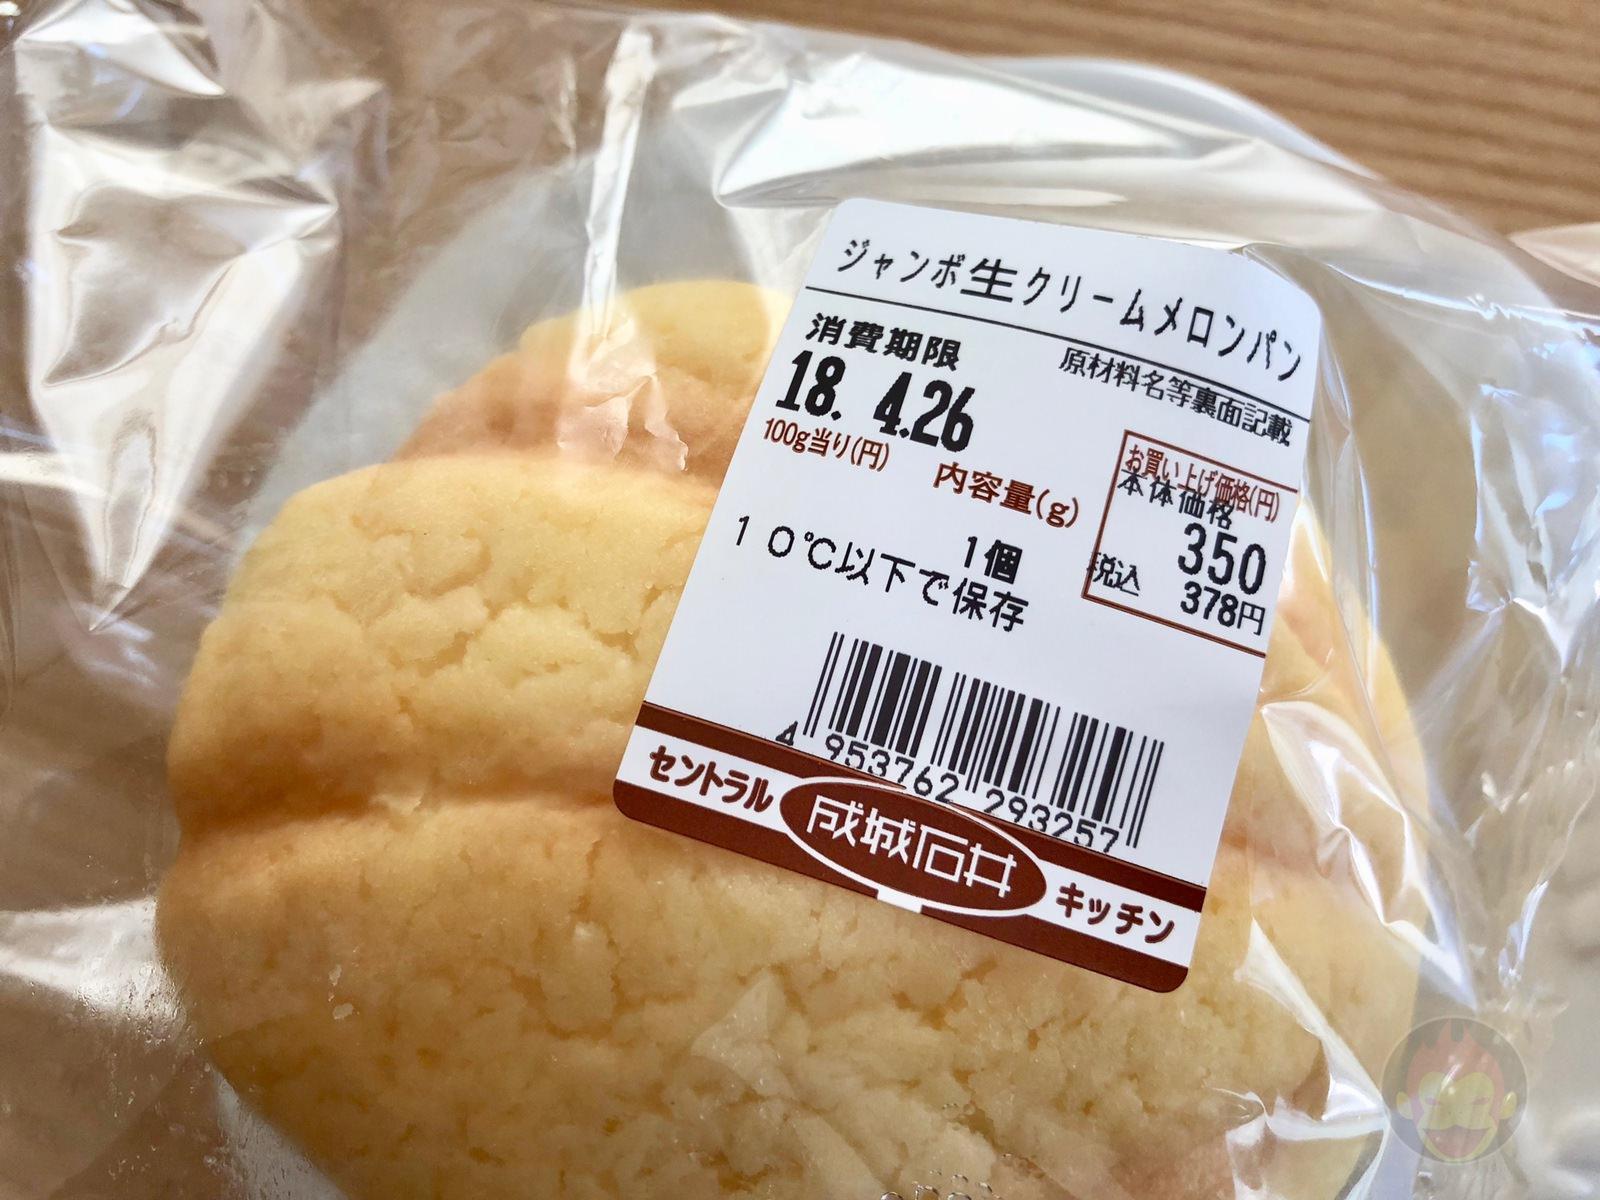 Ebina Parking Jumbo Cream Melon Pan Seijo Ishii 04